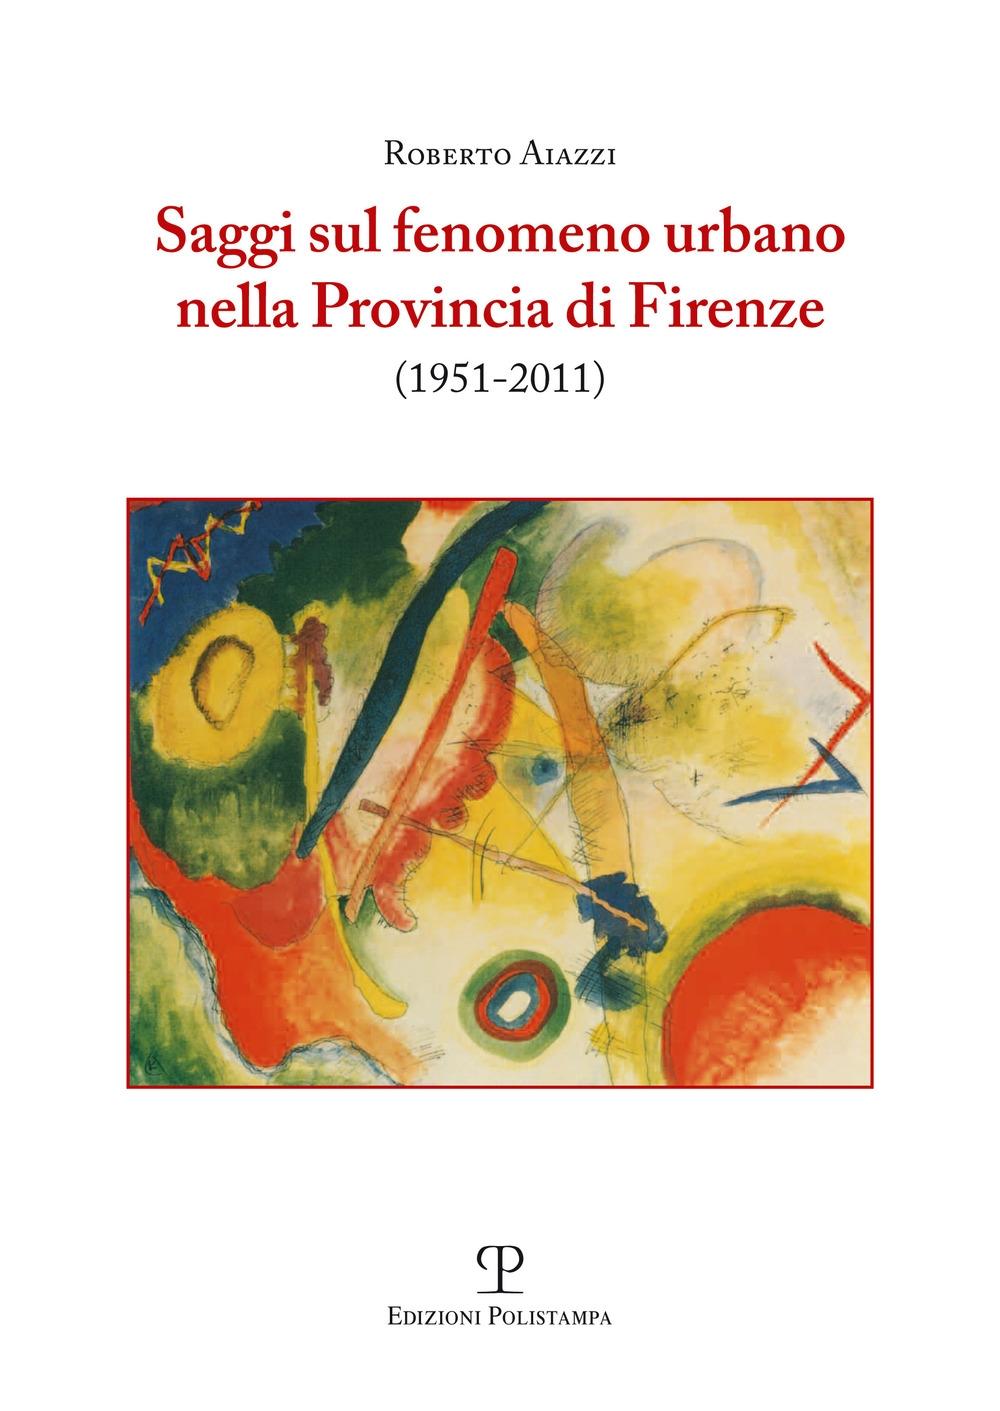 Saggi sul fenomeno urbano nella provincia di Firenze (1951-2011).